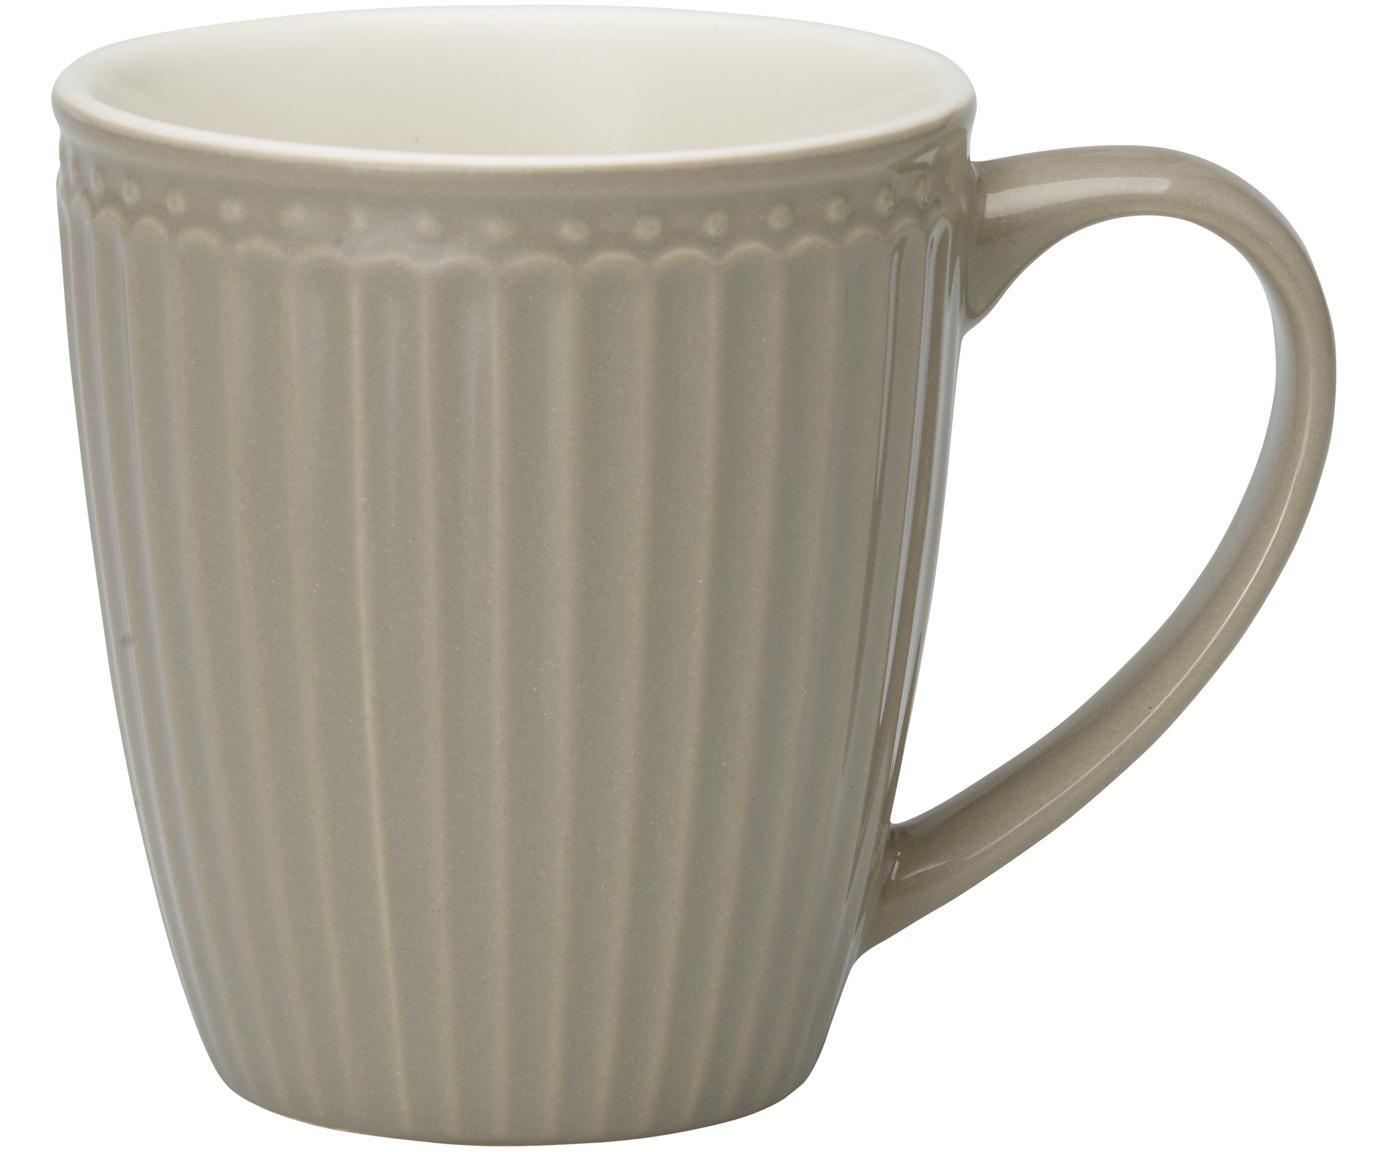 Handgefertigte Tassen Alice in Grau mit Reliefdesign, 2 Stück, Steingut, Grau, Ø 10 x H 10 cm